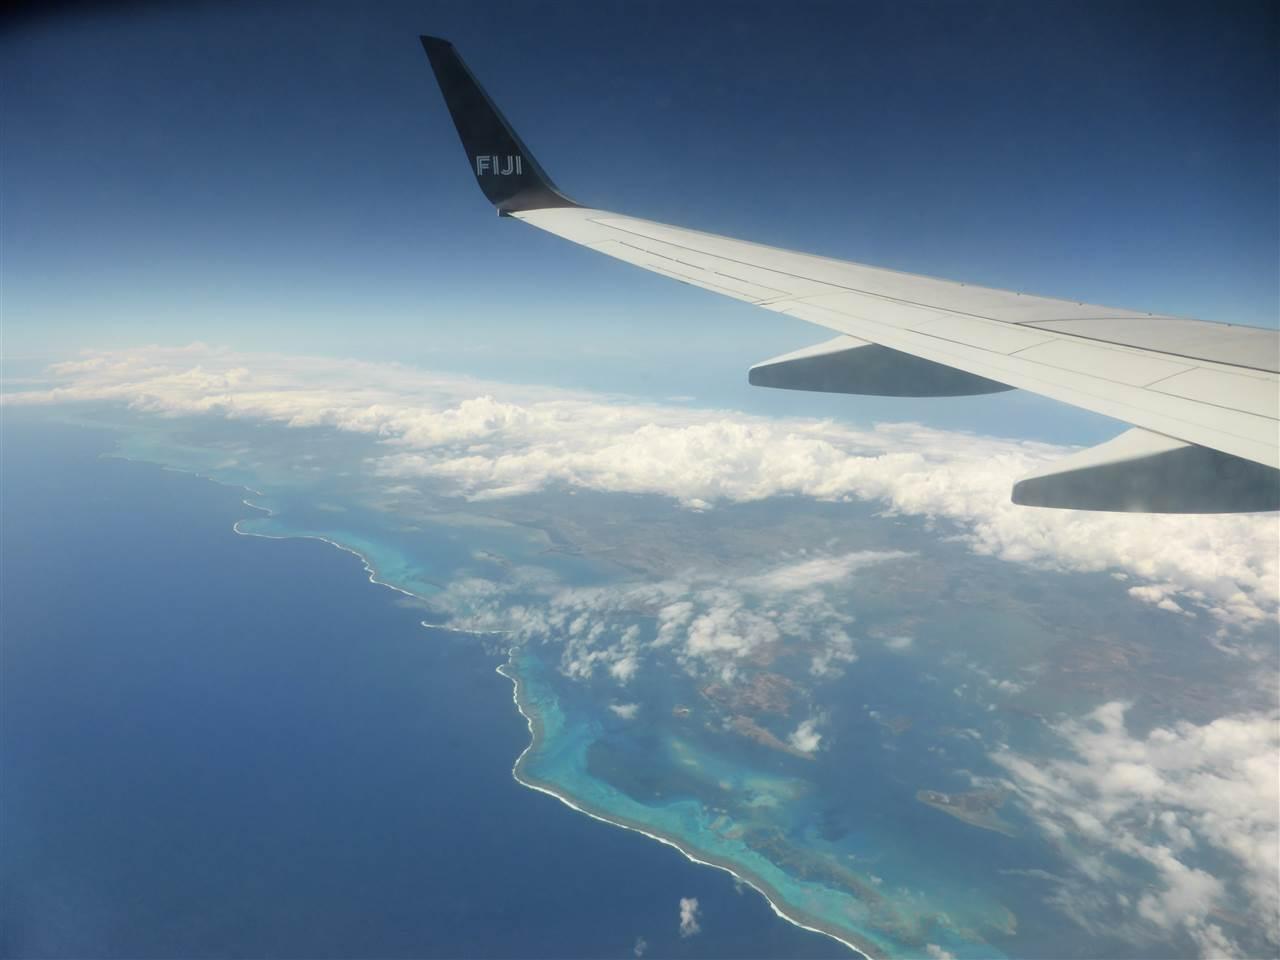 Bula Fiji! Ab in die Südsee!